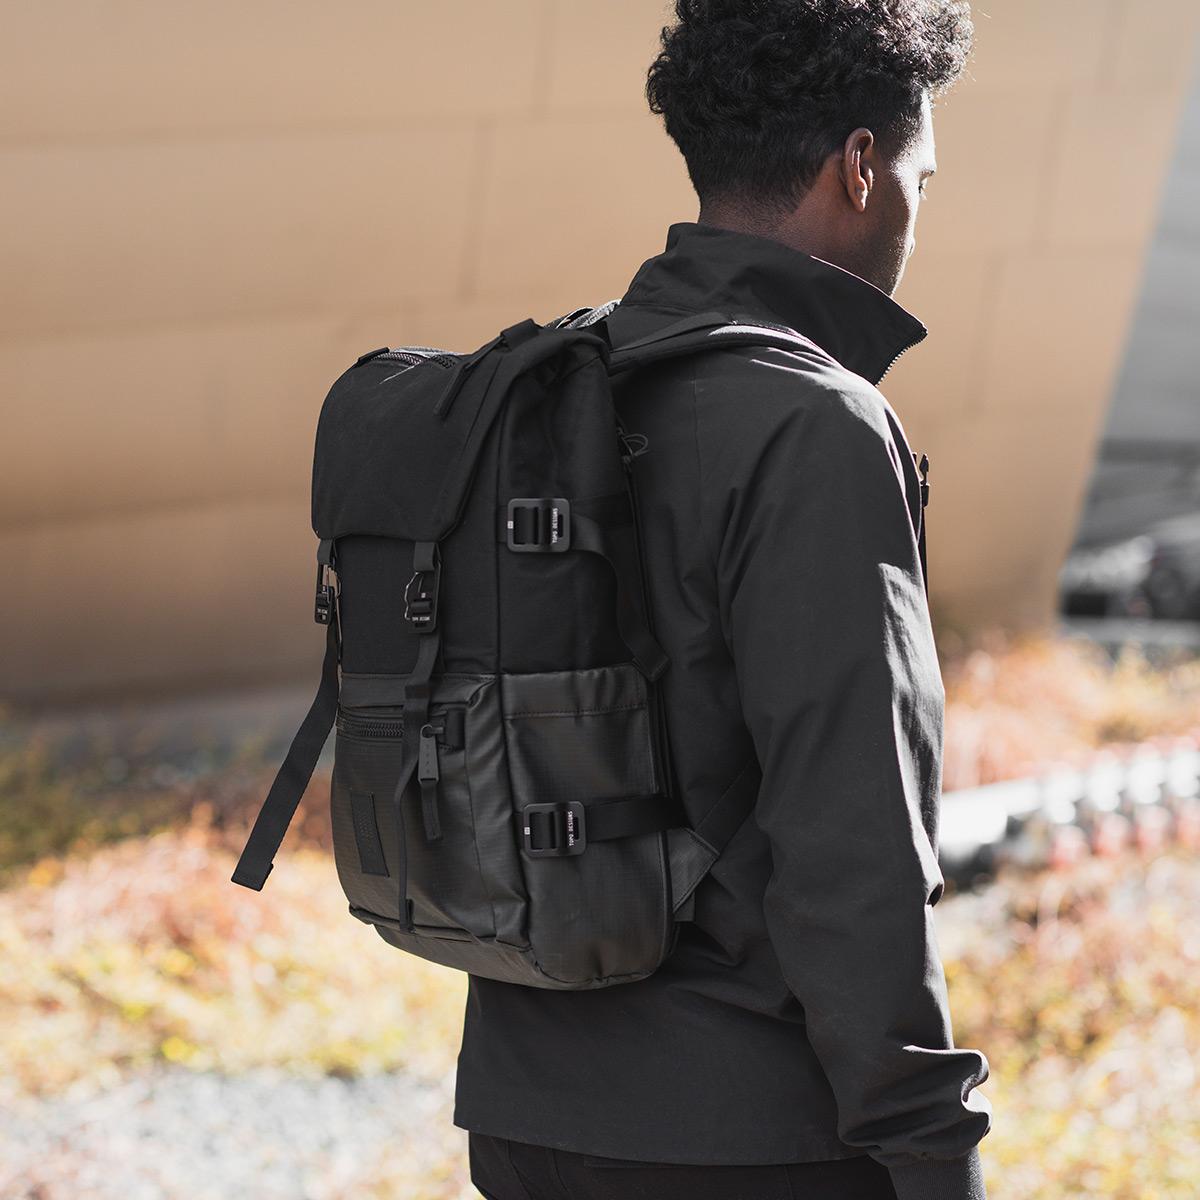 Topo Designs Rover Pack Premium Black, tijdloze rugzak met moderne functionaliteiten voor dagelijks gebruik